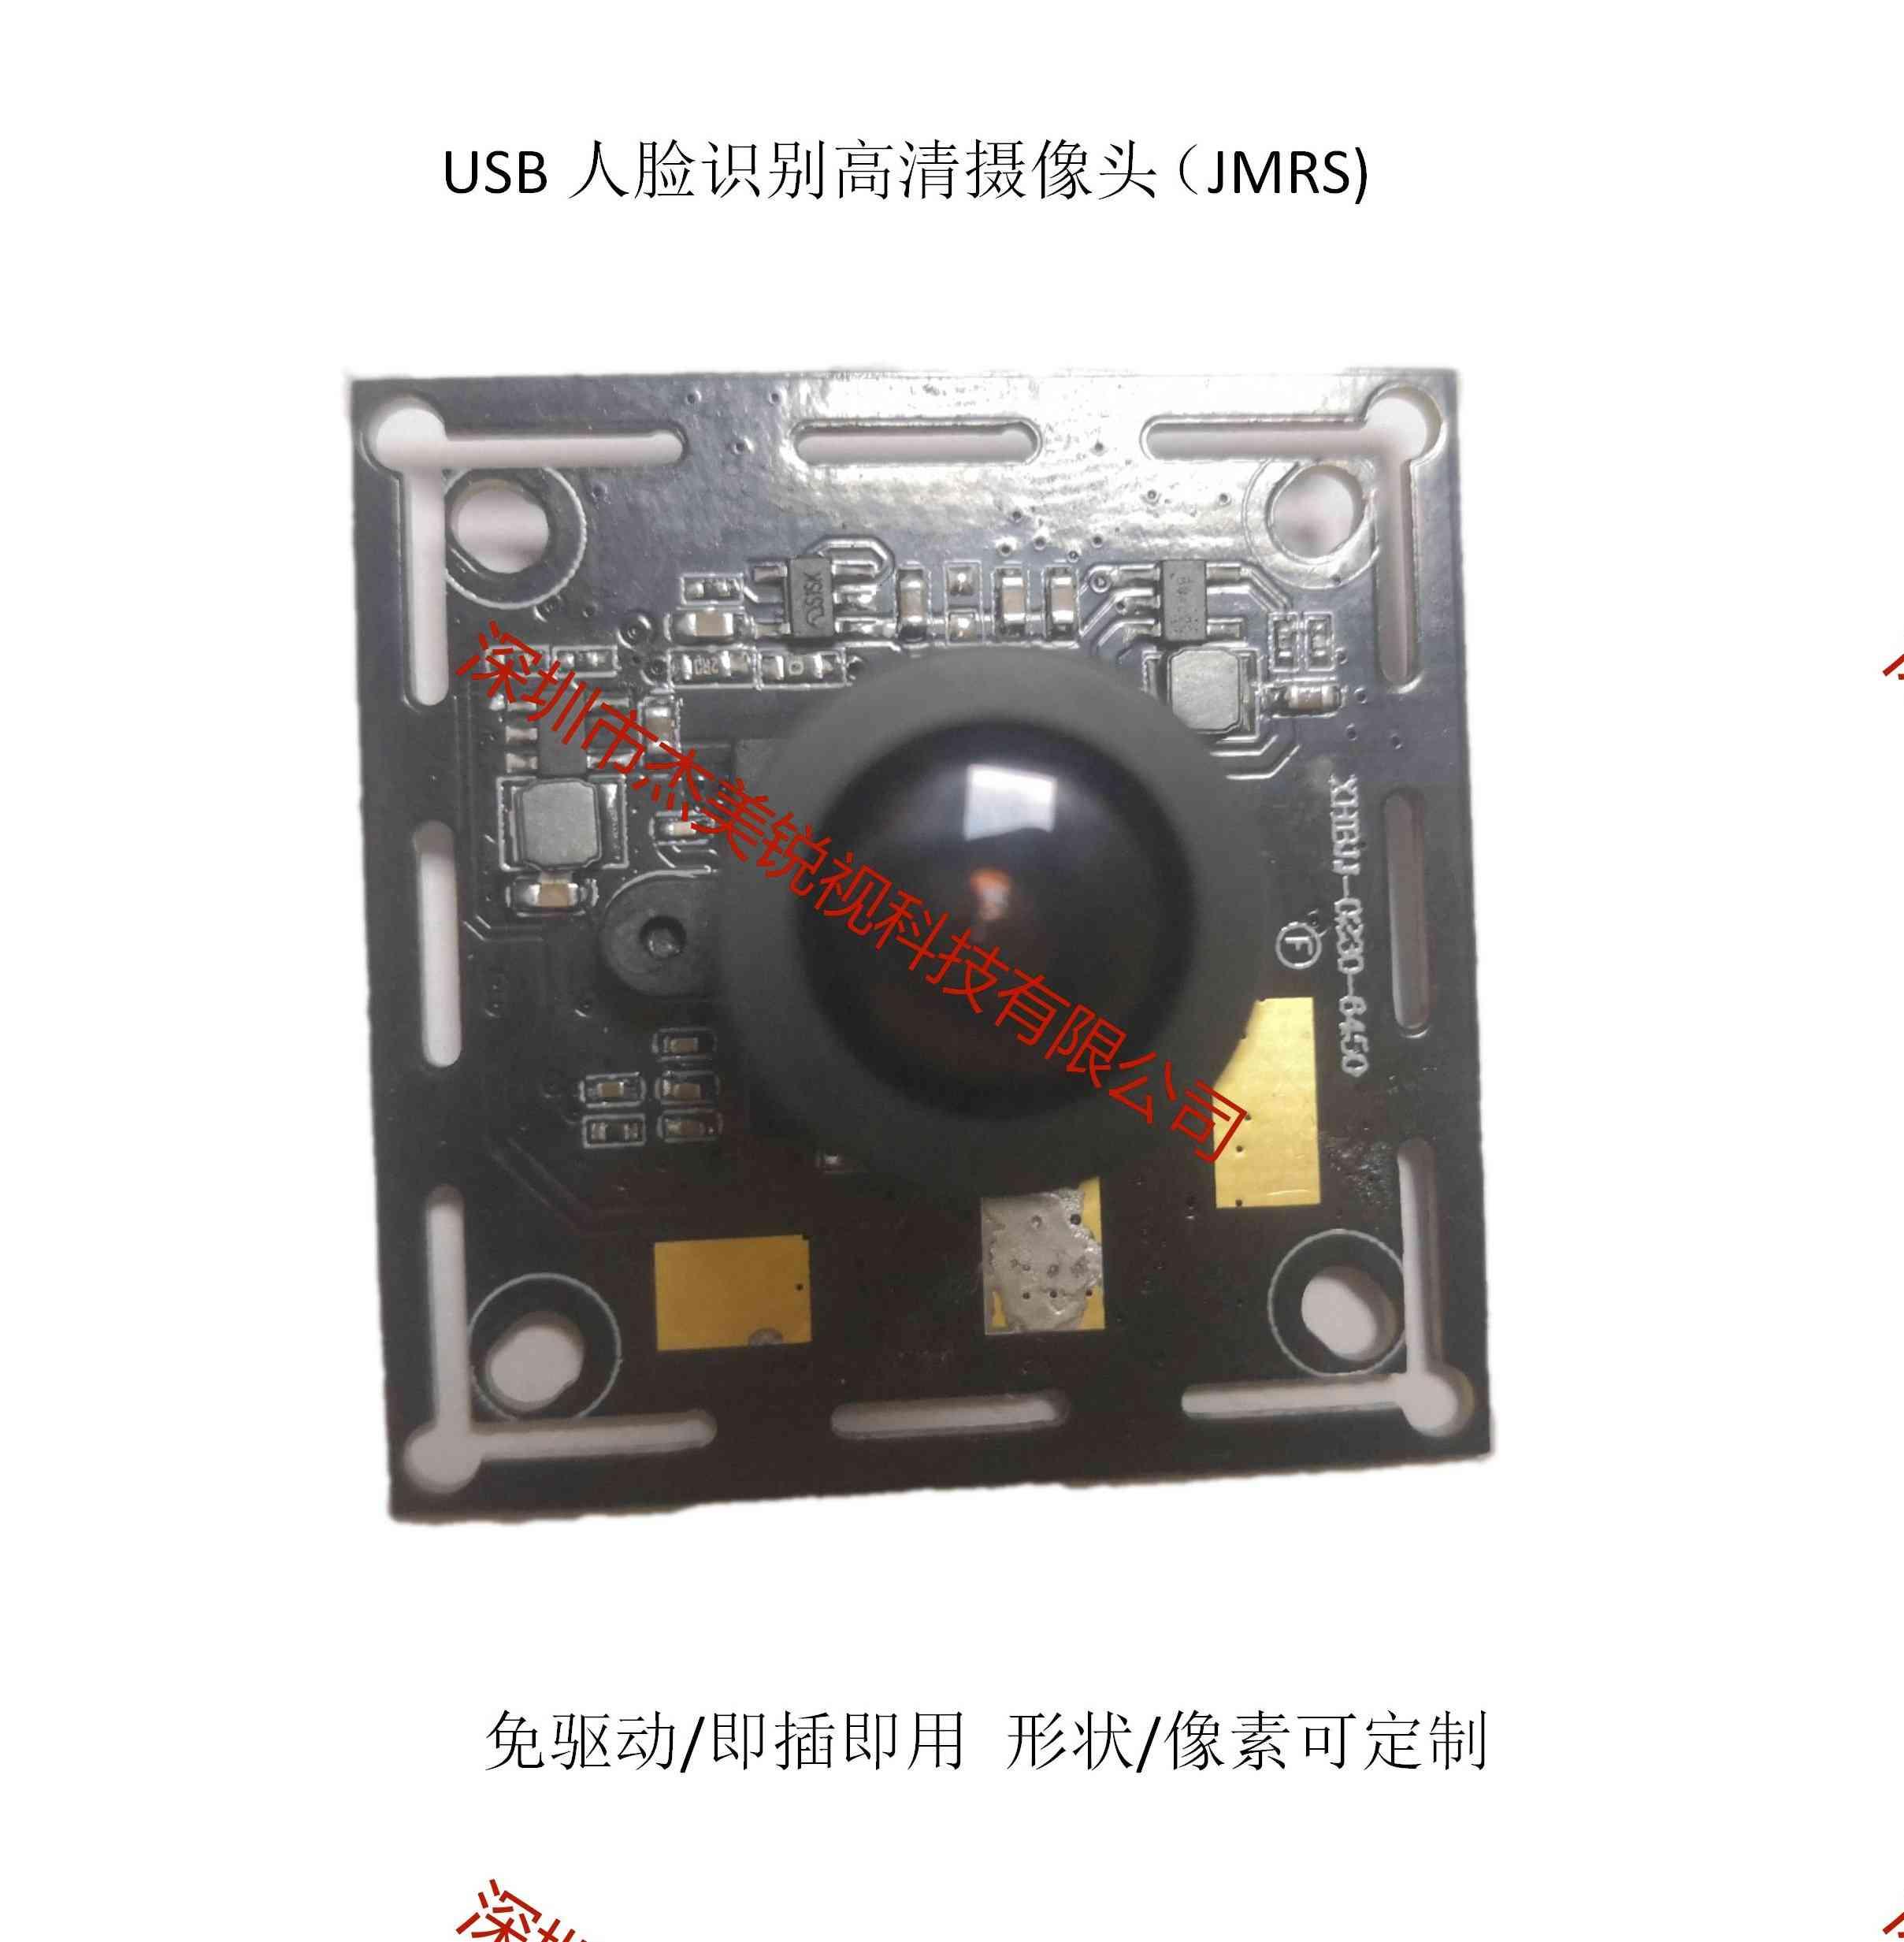 800W人脸识别高清摄像头模组(JMRS-M800-A)图片